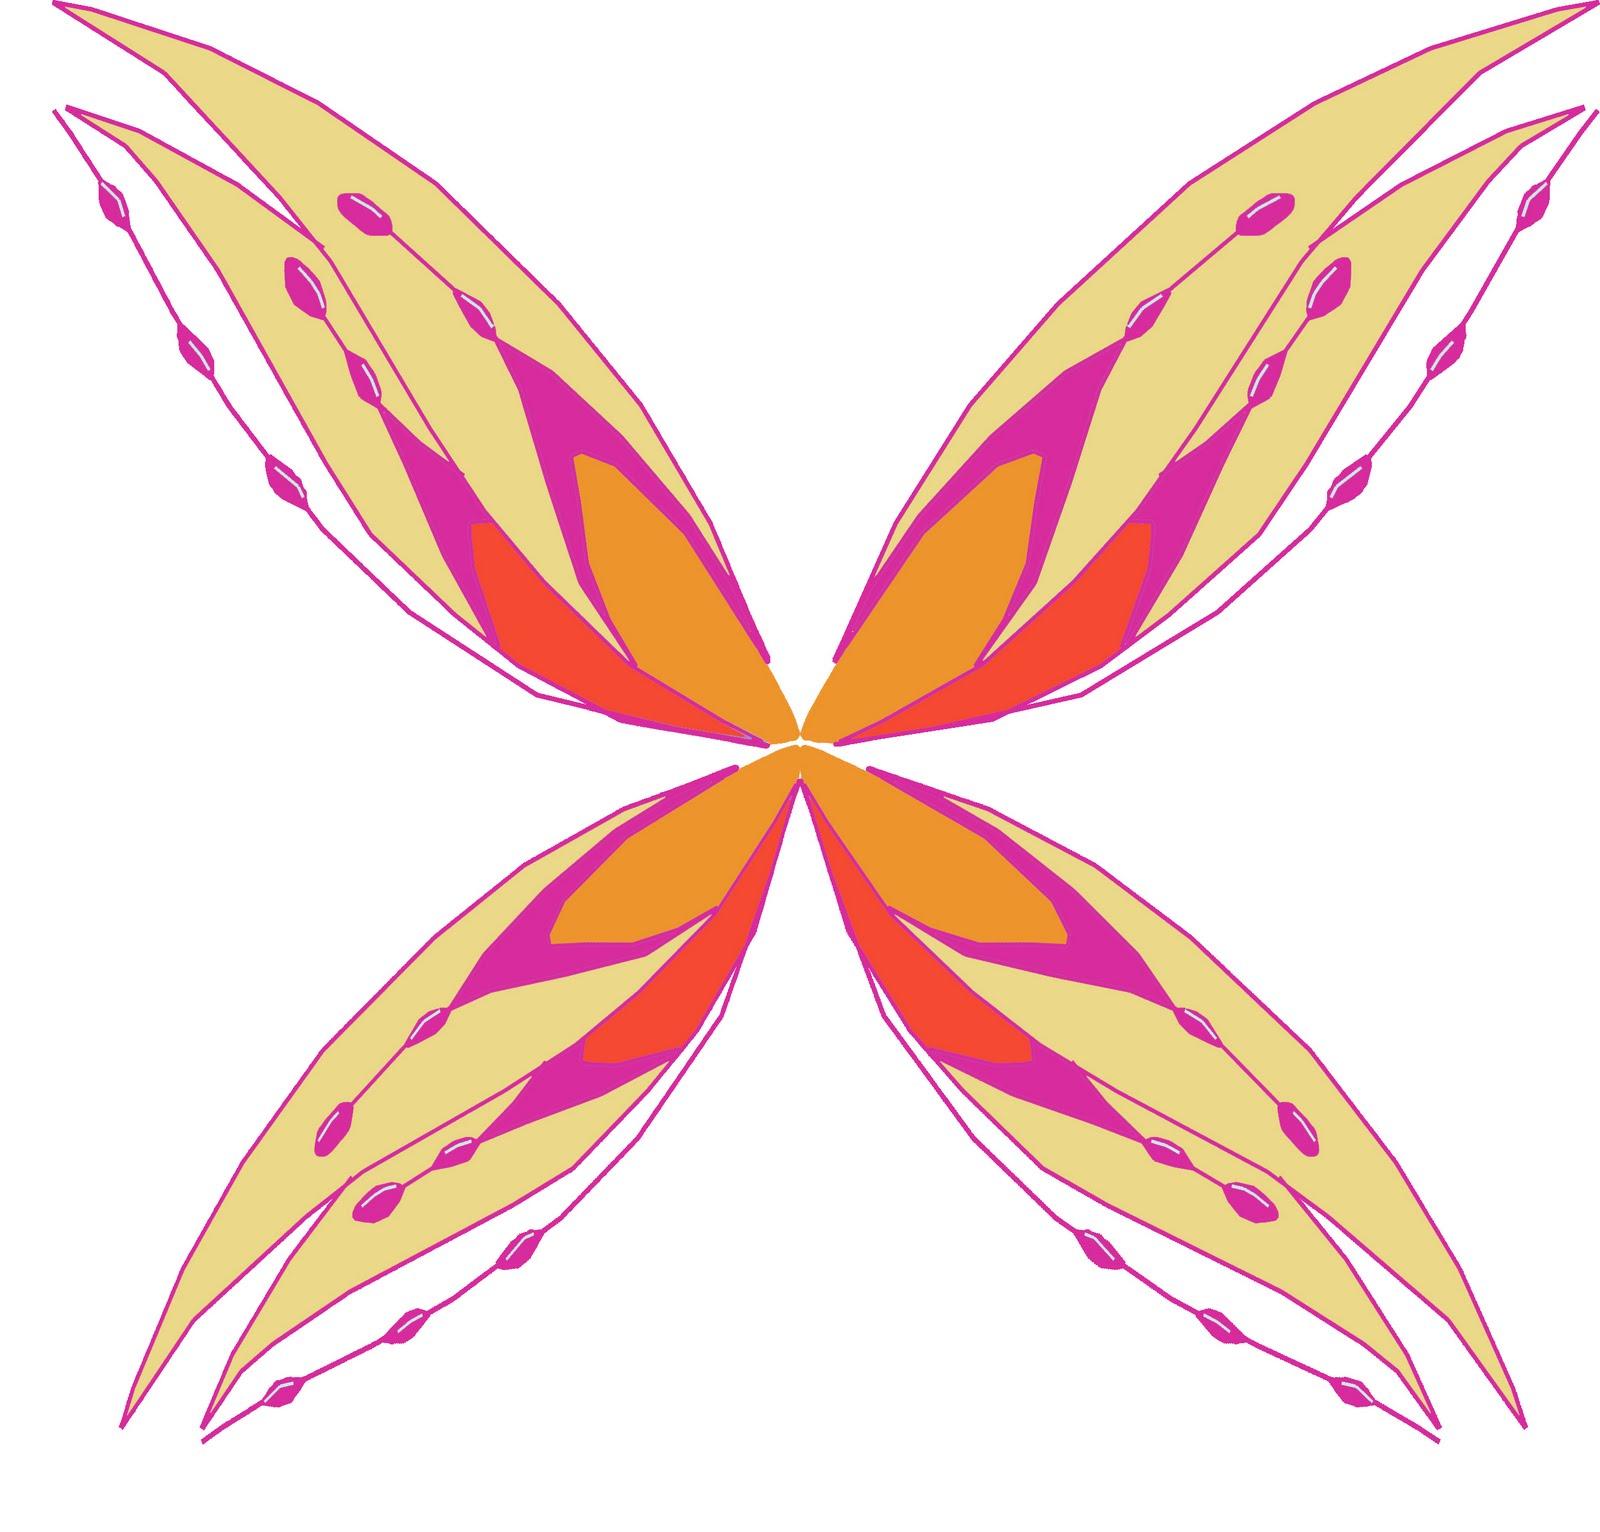 http://4.bp.blogspot.com/_J1eKITQ_ojE/S6yvuq07dII/AAAAAAAABFs/snIXQPqgztc/s1600/zoomix_stella.jpg